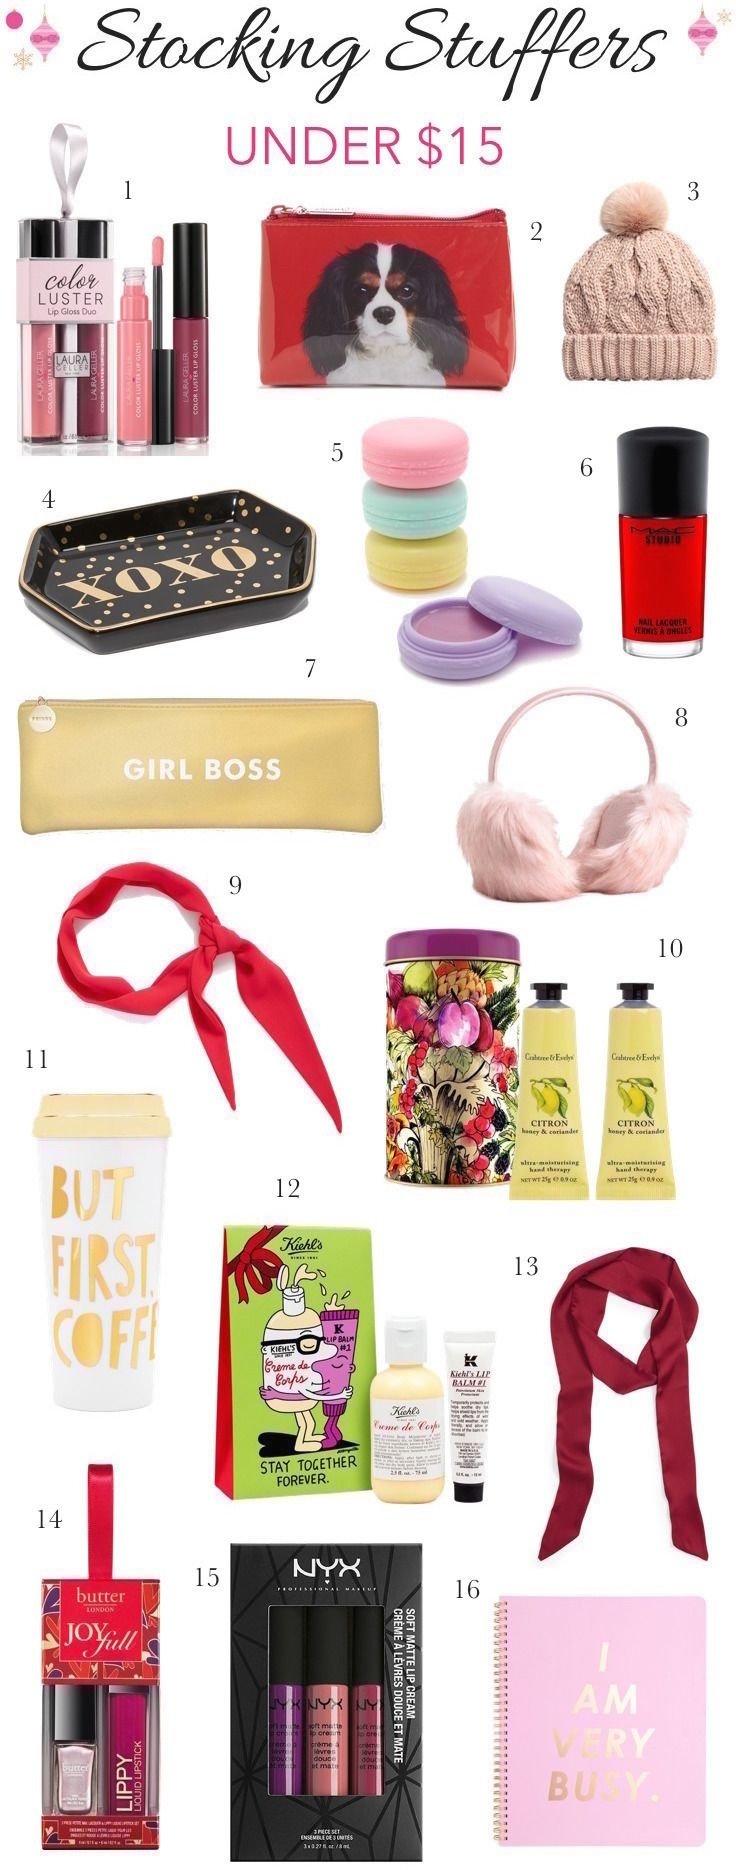 10 Lovable Stocking Stuffer Ideas For Her bright ideas stocking stuffers for her marvelous hydrangeas glitter 2021